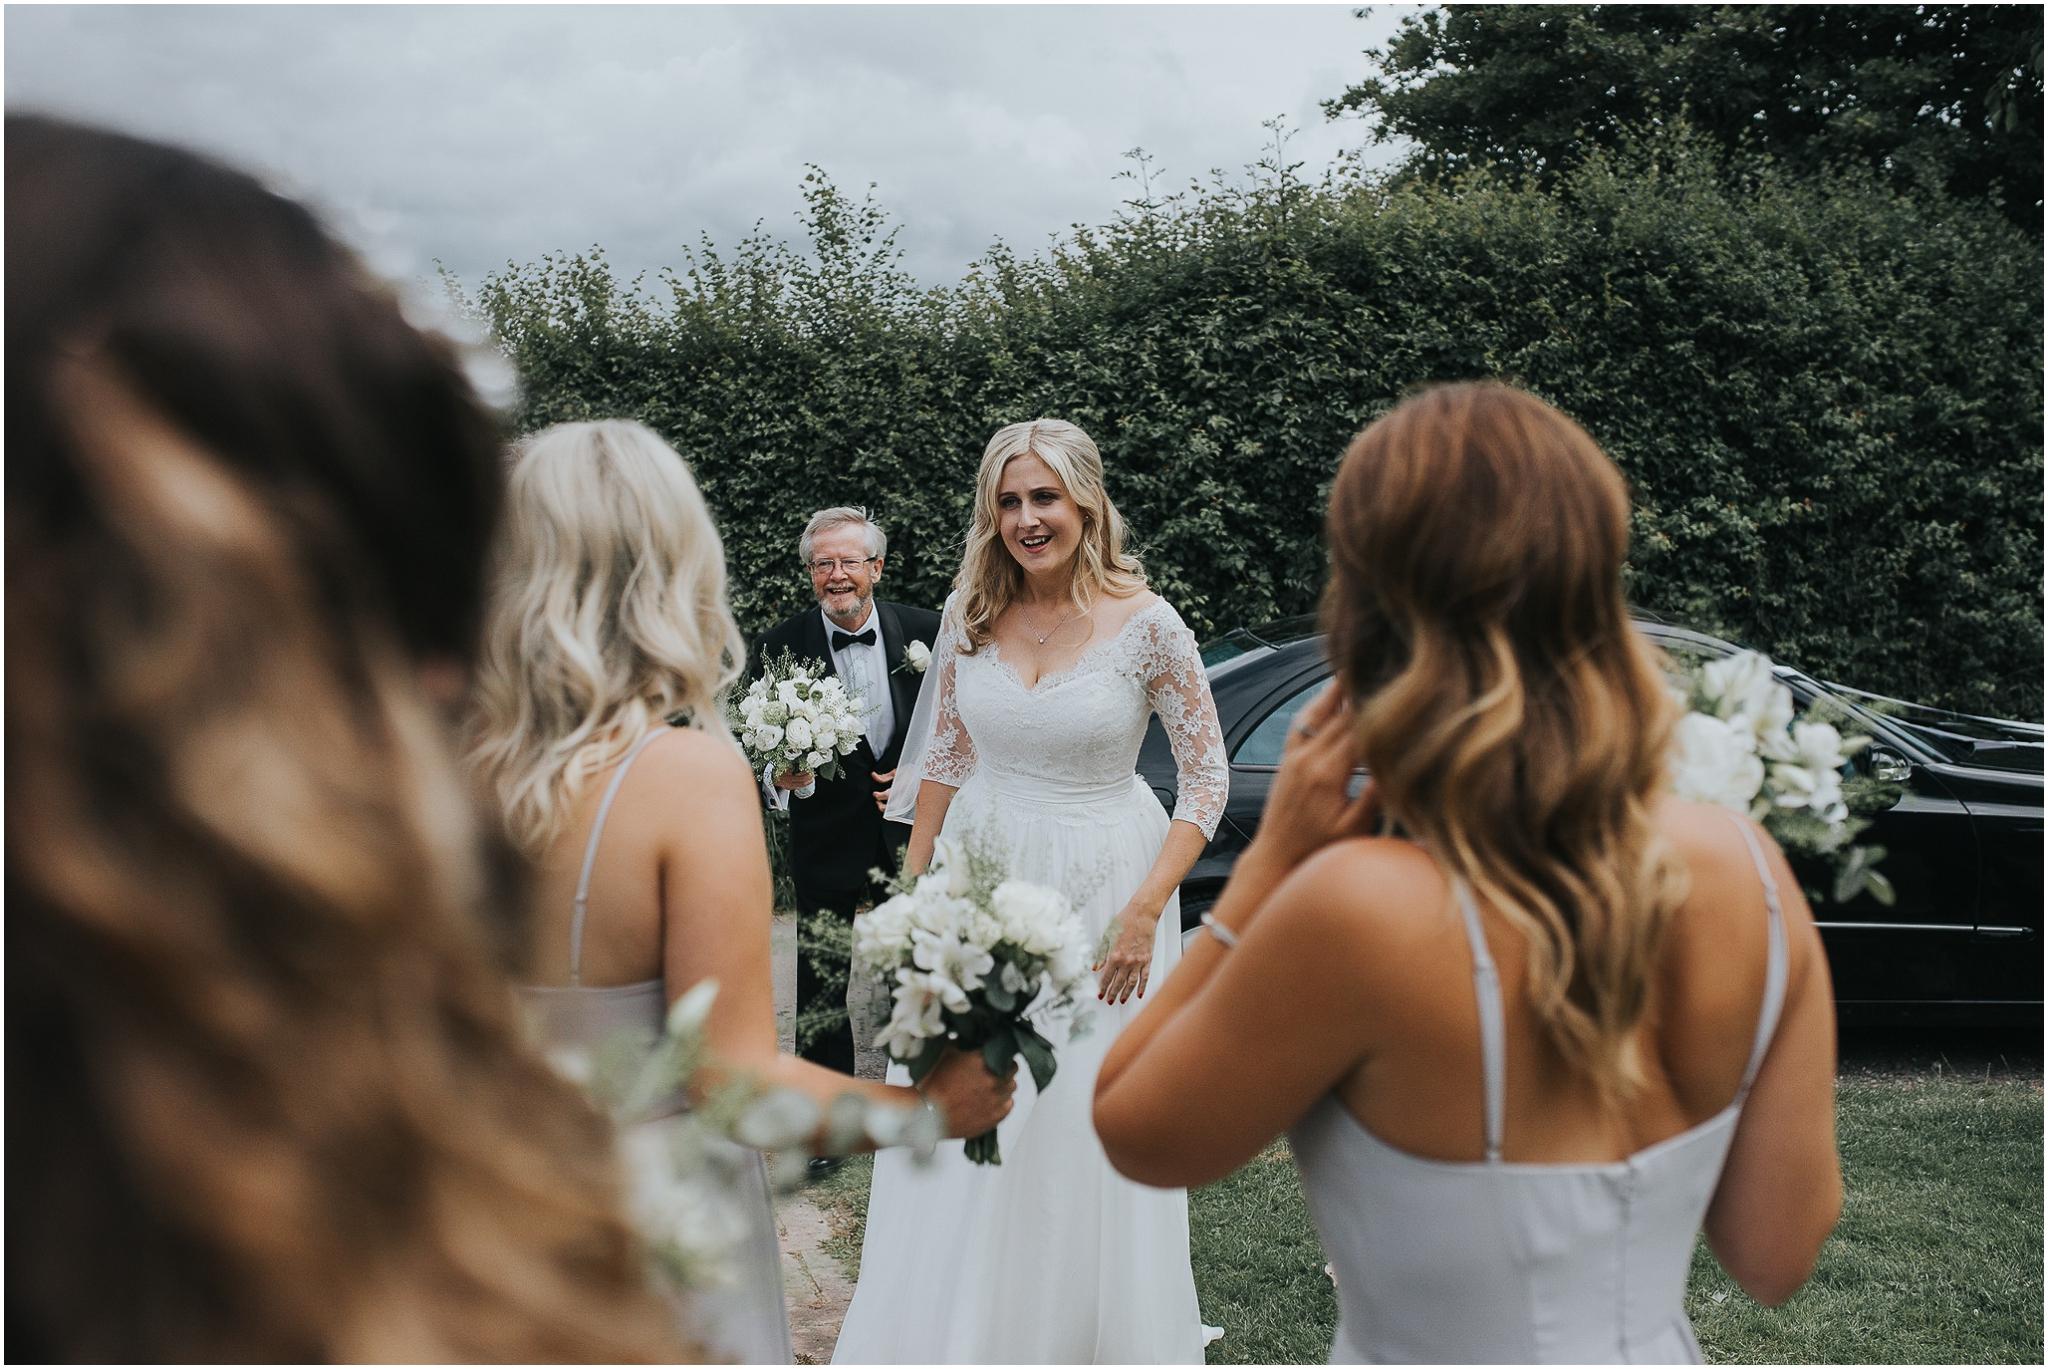 Manchester wedding photographer Tora Baker